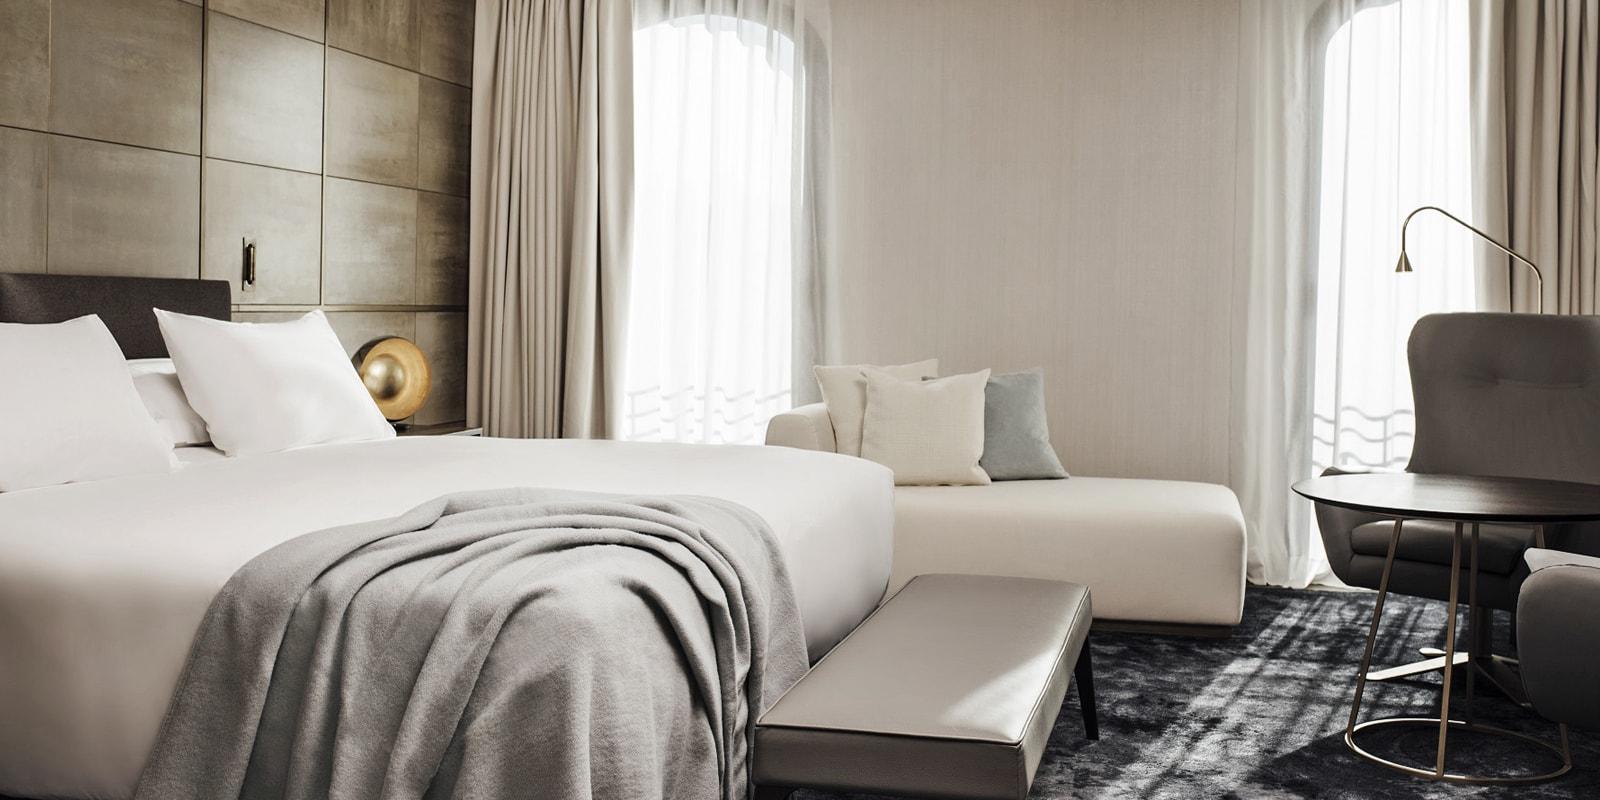 OCOA-TRAVEL-HOTEL-ALMANAC-BARCELONA-5